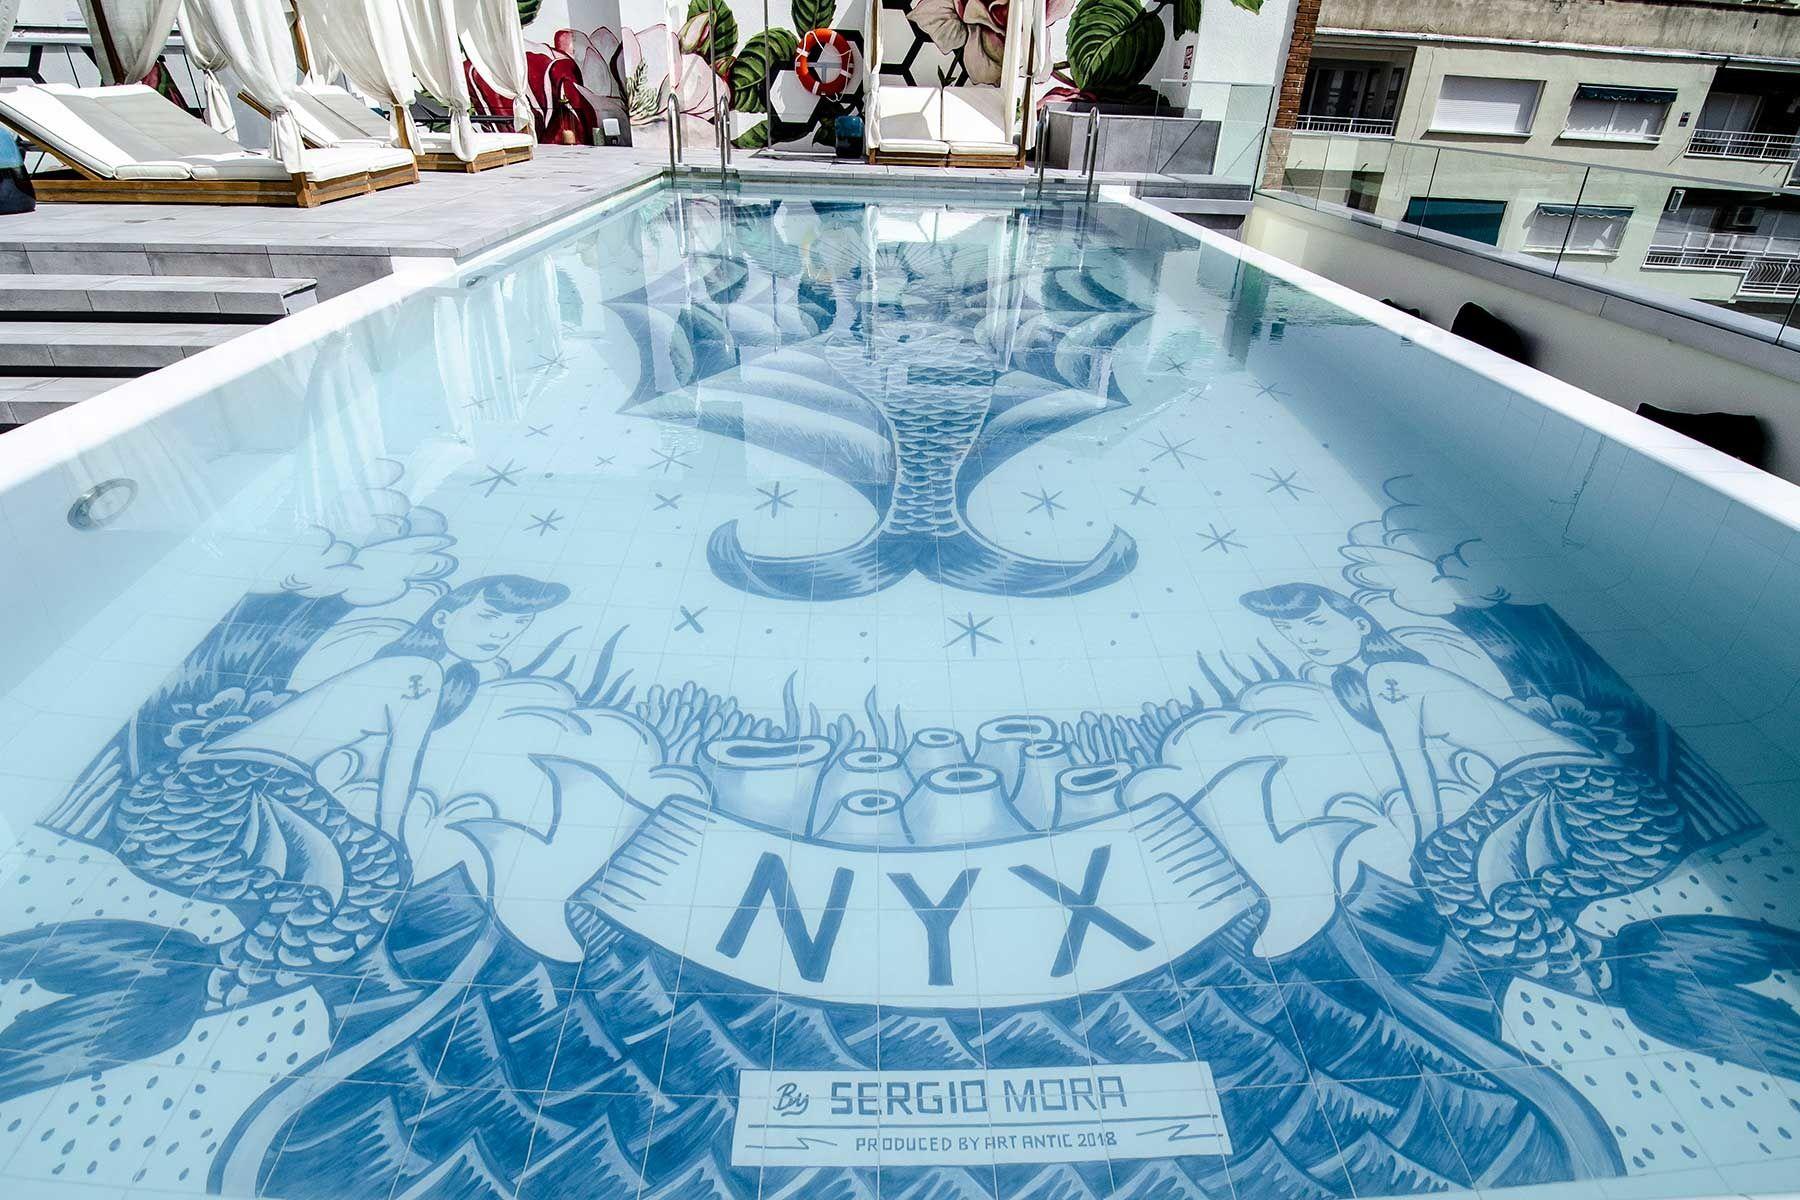 piscina roodtop nyx hotel madrid